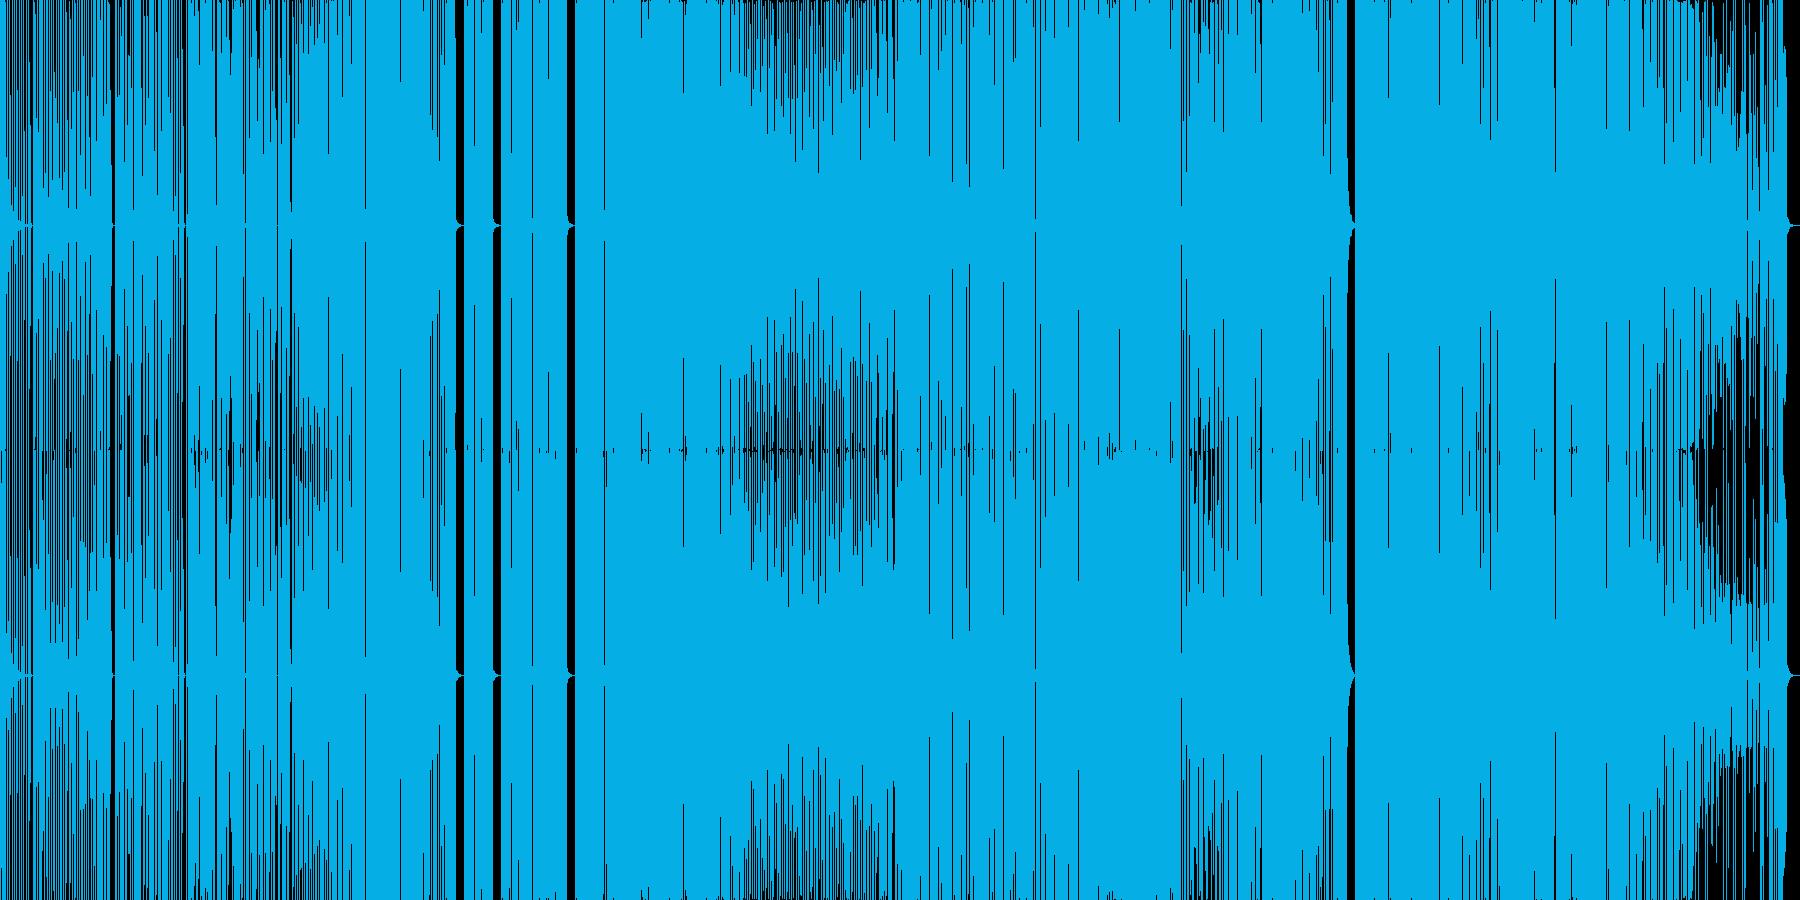 ちょっと変わったフューチャーベースの再生済みの波形